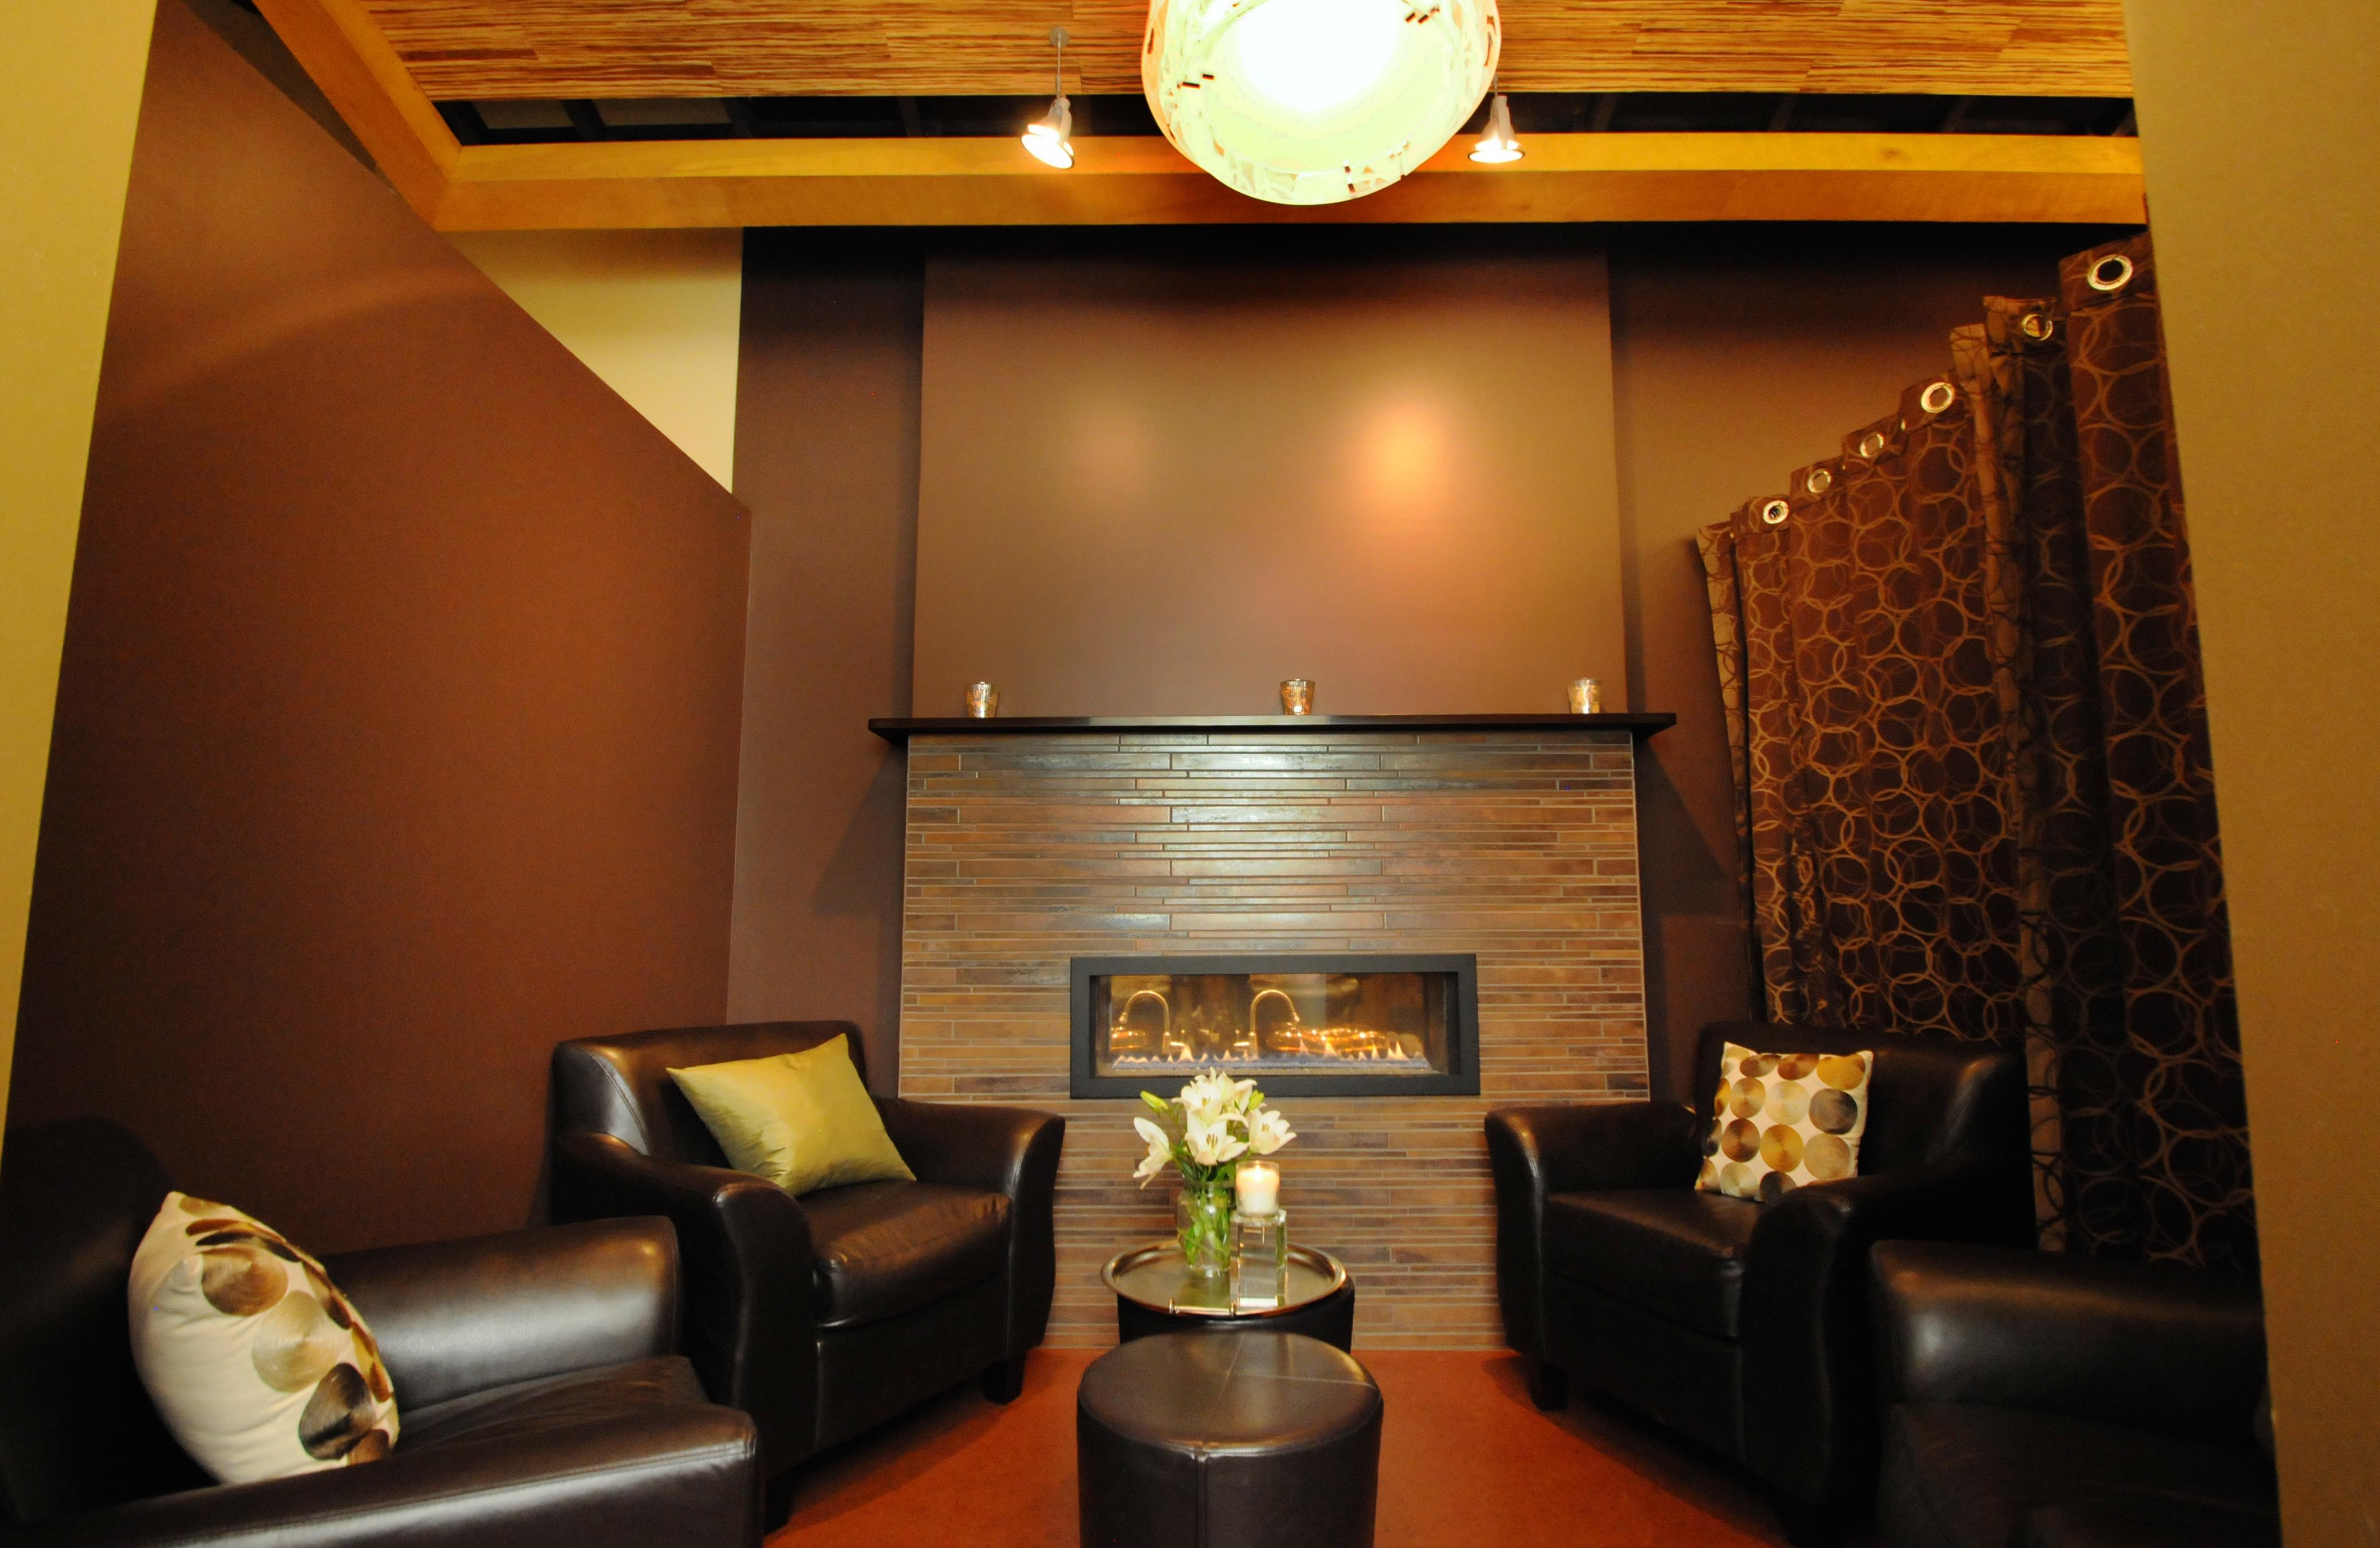 Veda Salon & Spa - University Village - Colorado Springs, CO